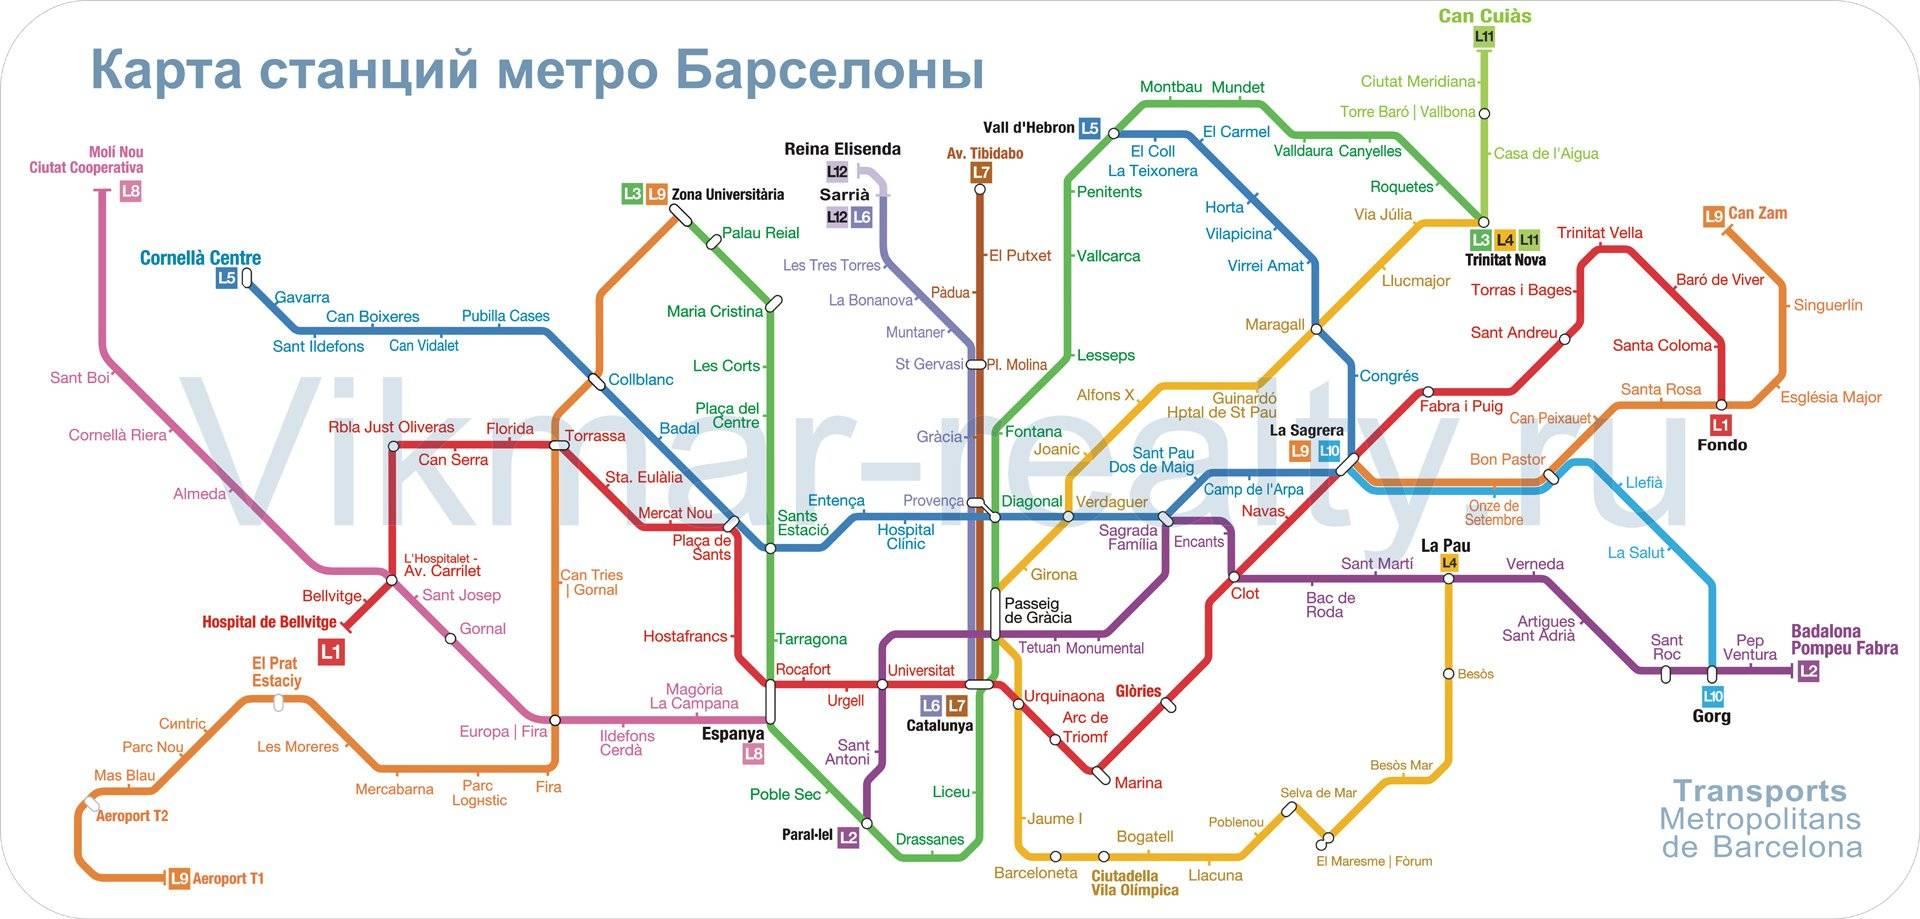 Метрополитены испании: особенности и технические преимущества (статья) — энциклопедия нашего транспорта